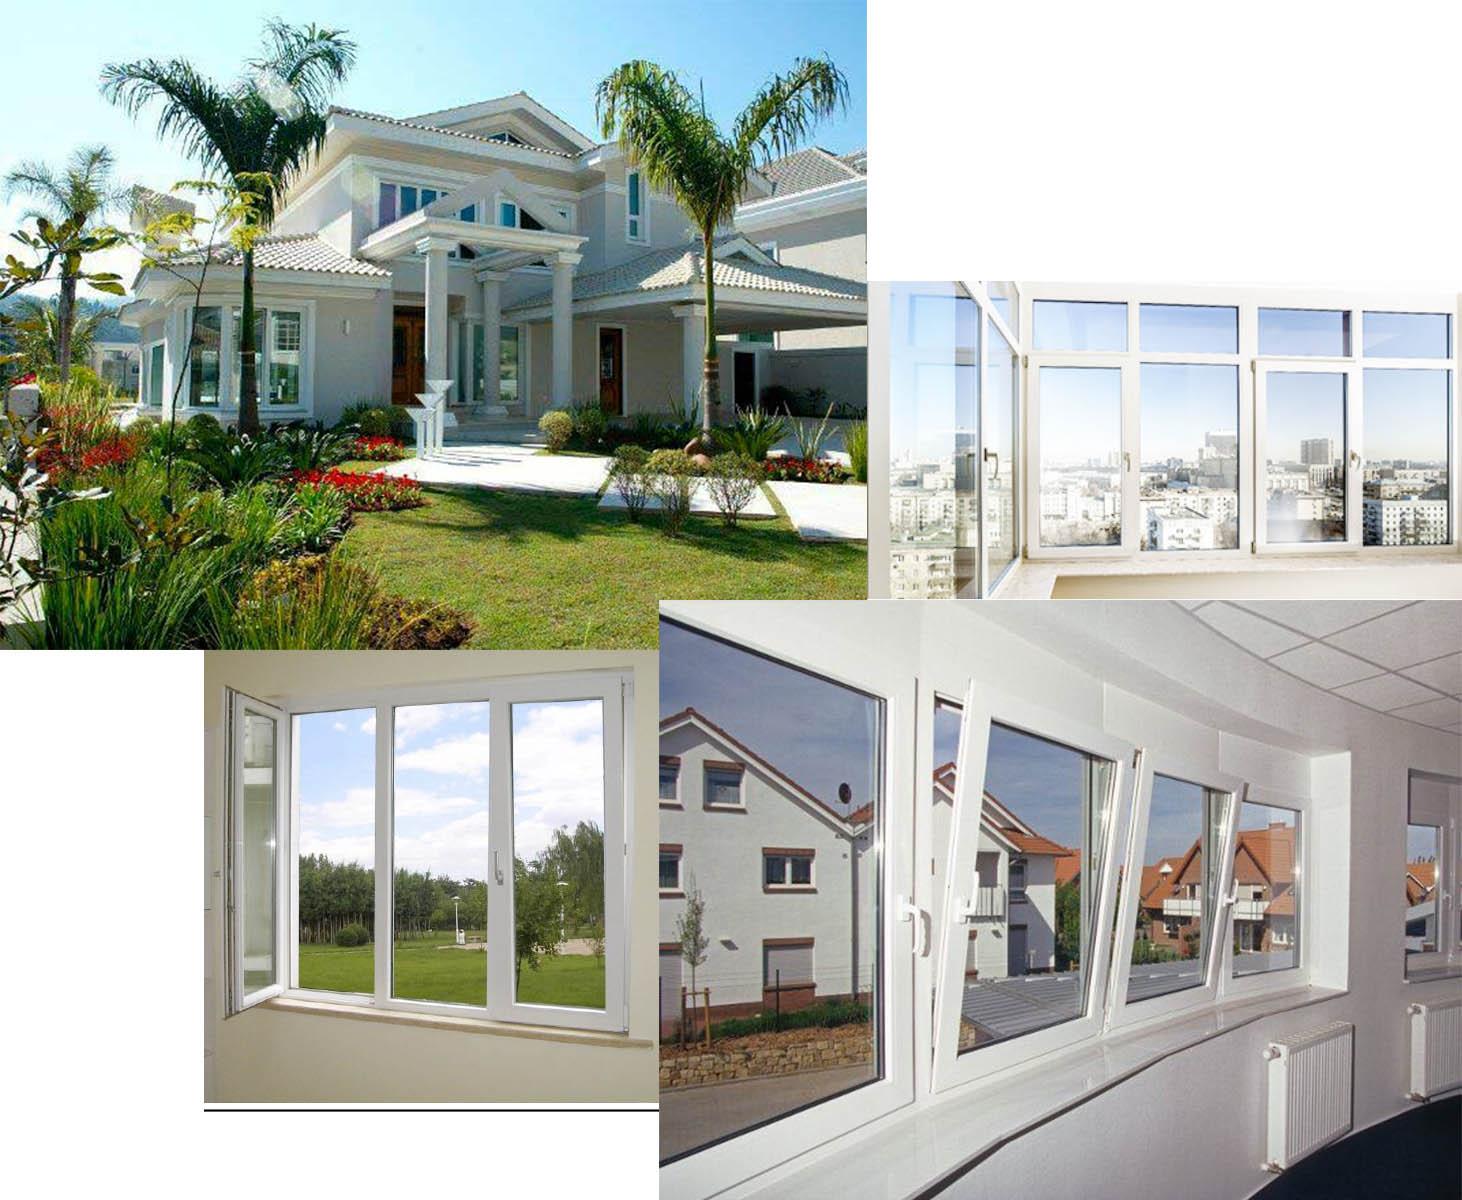 Sistema abatible de PVC para ventanas y puertas Eurofutur Elegance. Aluminios F. Quiros.